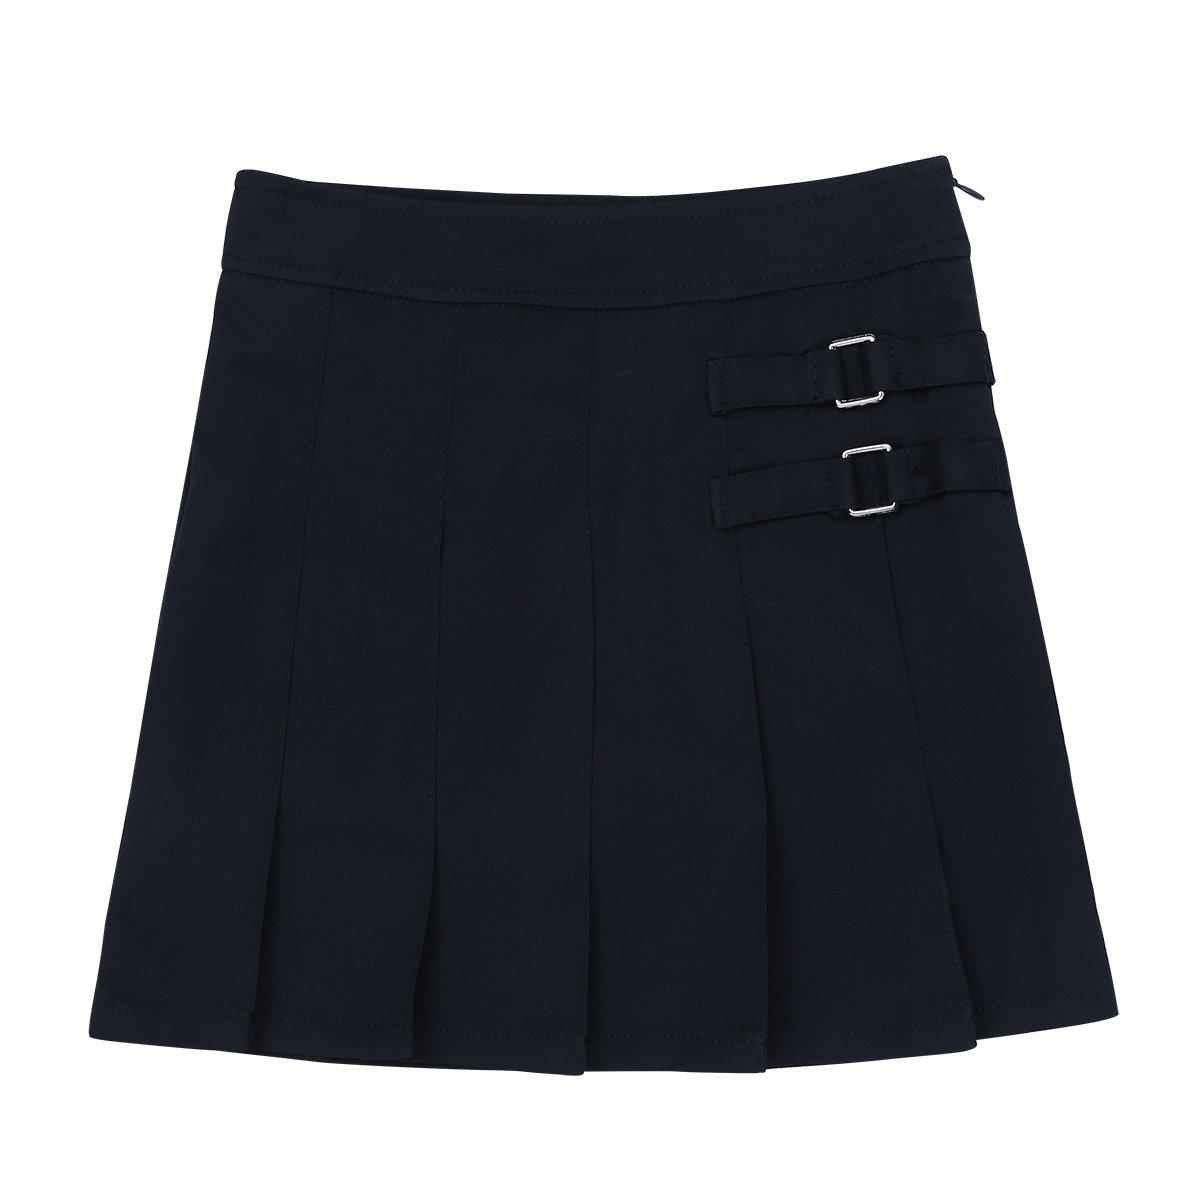 CHICTRY Falda Plisada Ni/ñas Escocesa Uniforme Escolar Falda Deportiva Tesis Mini Faldas Pantal/ón Corta Cintura Alta para Chicas 4-14A/ños